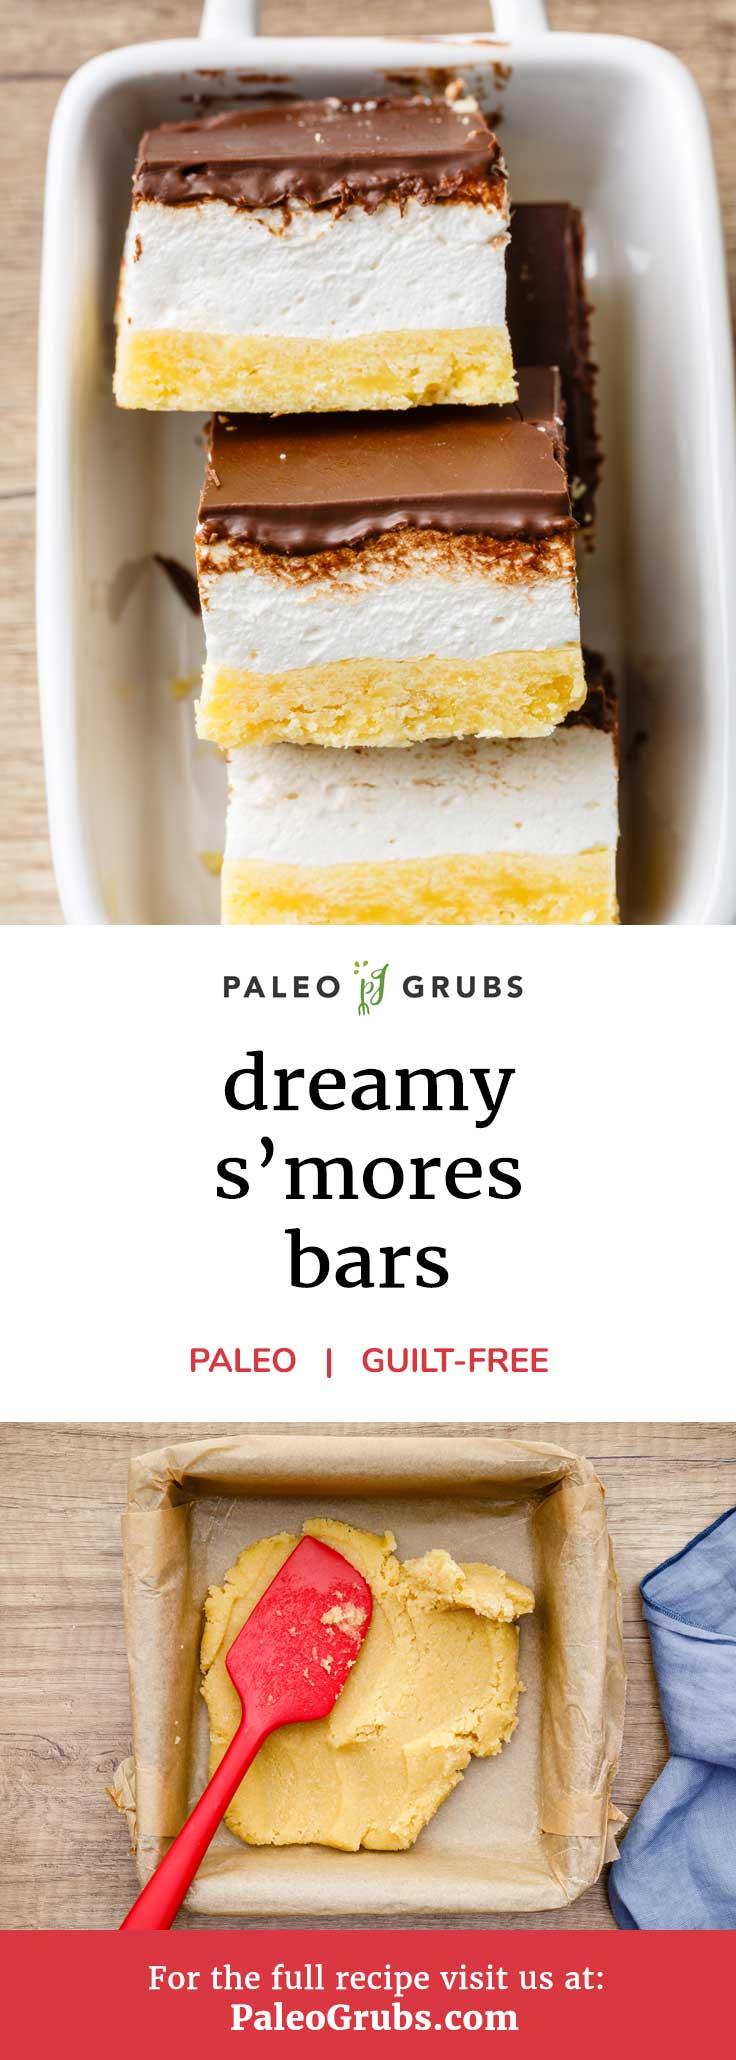 Estas barras s'mores son tan buenas!